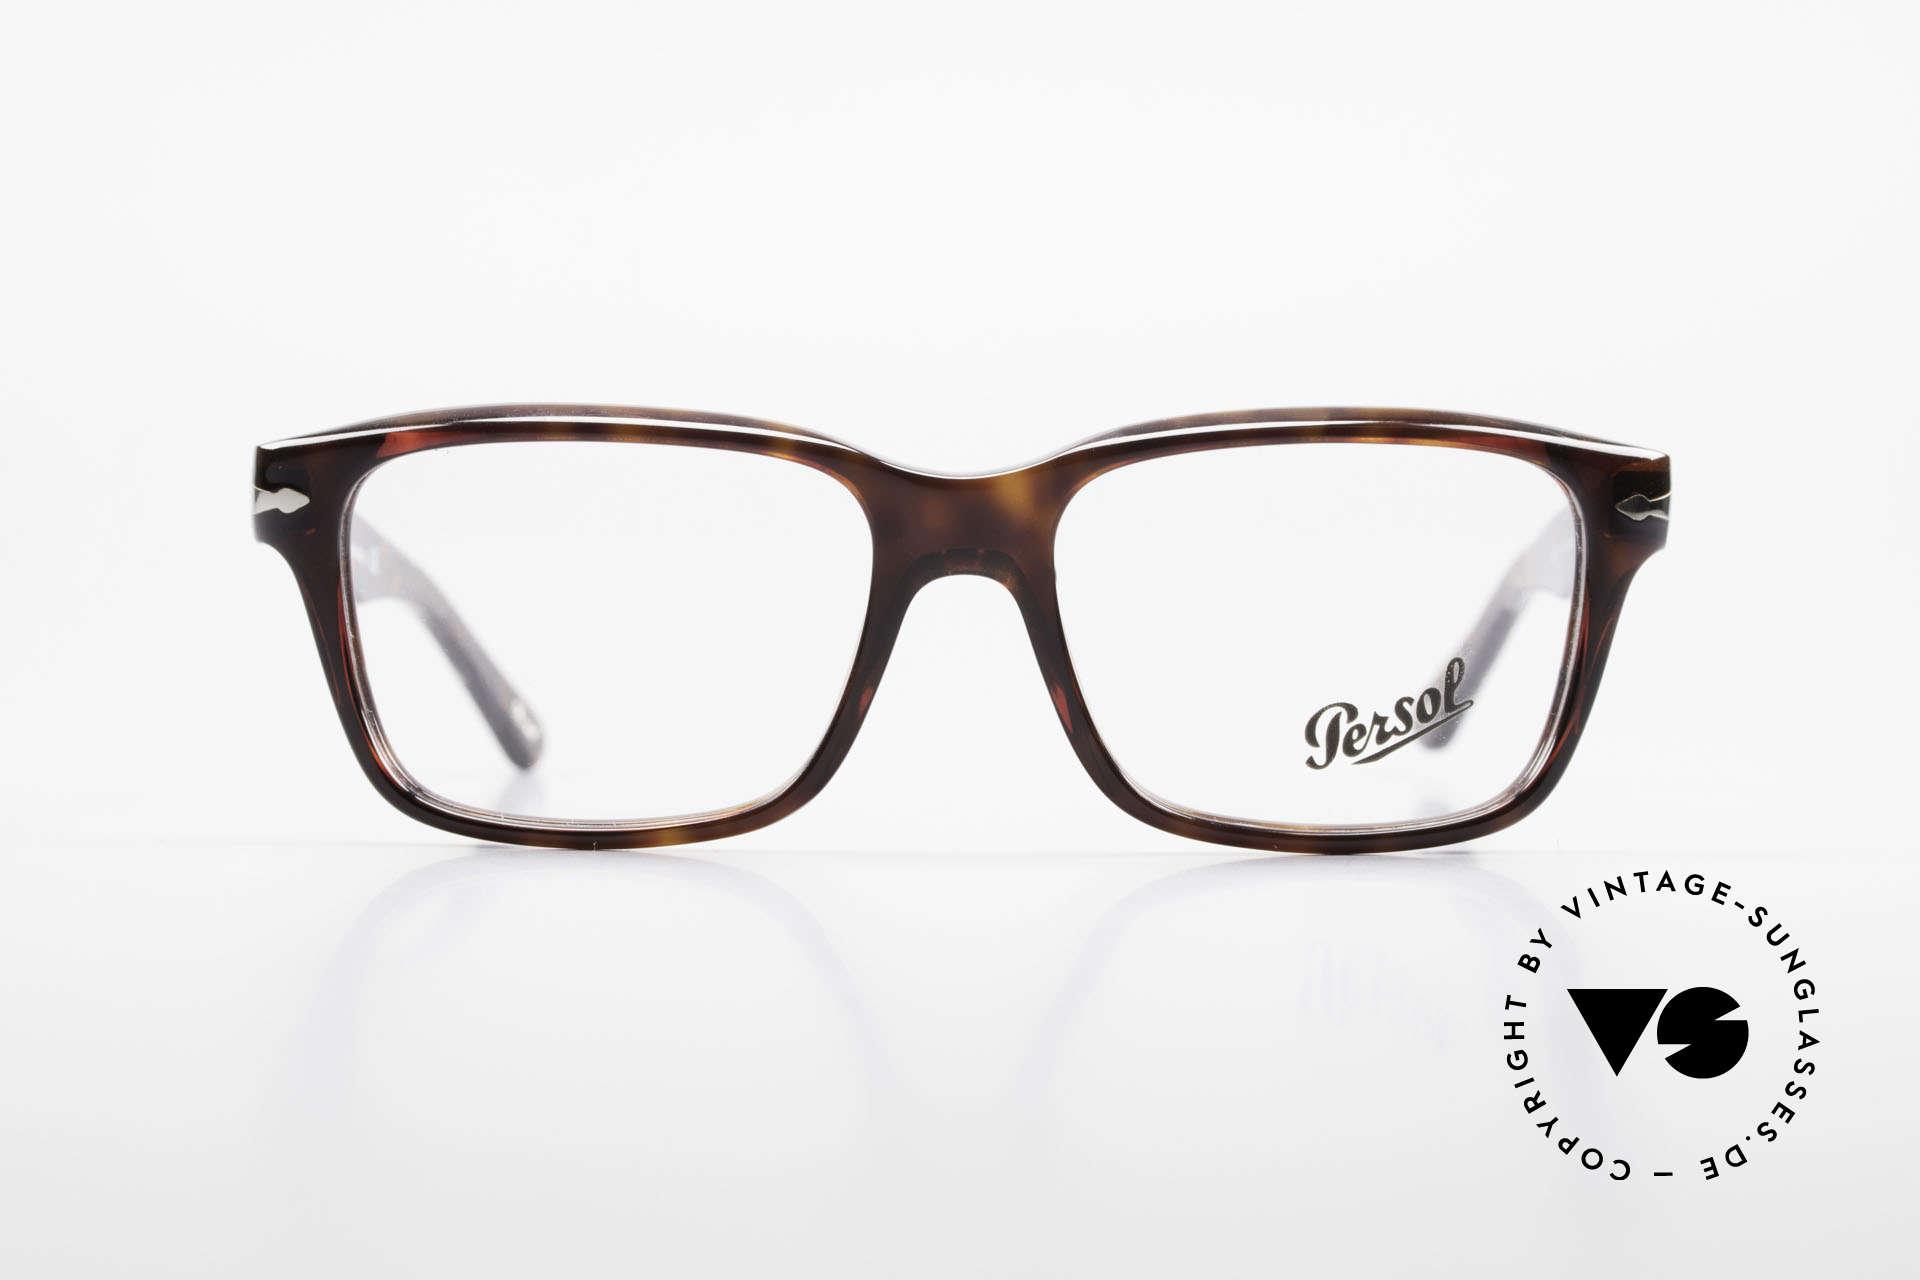 Persol 2895 Klassisch Zeitlose Unisex Brille, klassische Brillenform in einem zeitlosen Design, Passend für Herren und Damen